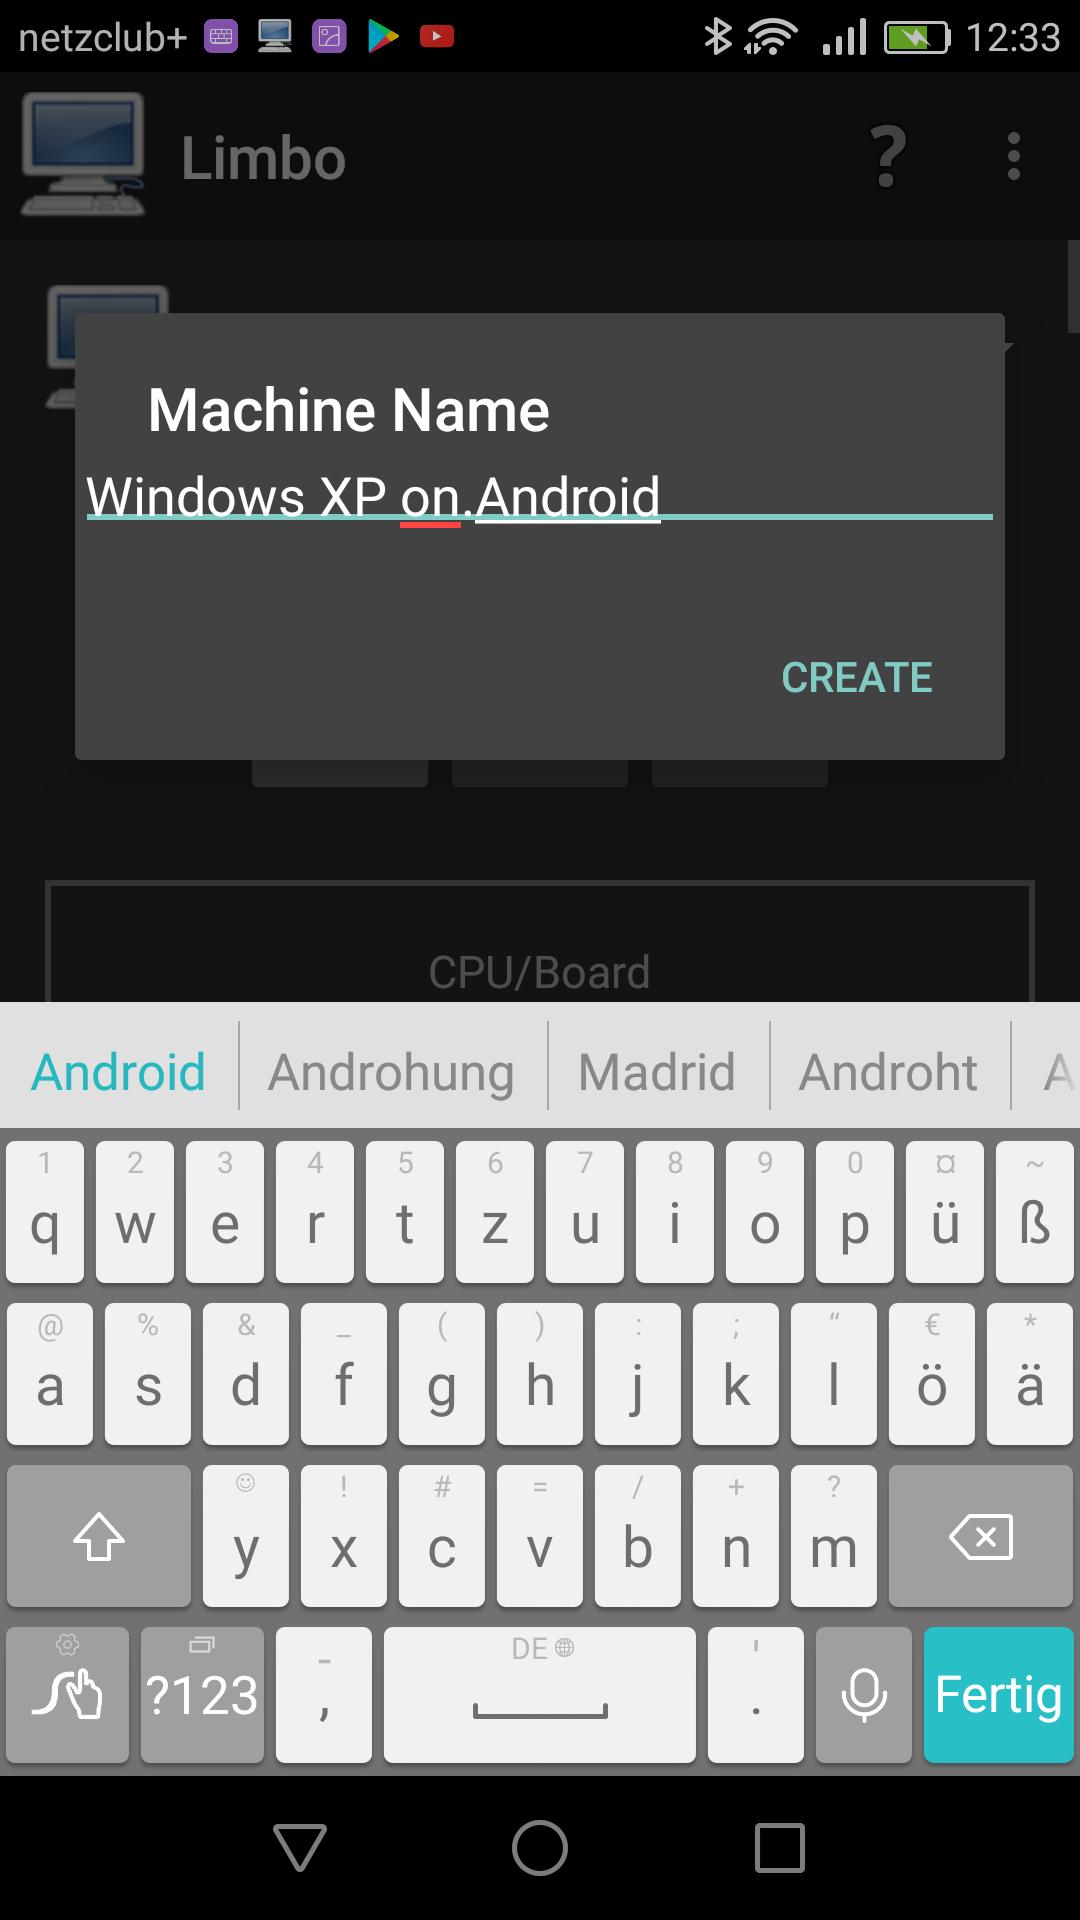 AndroidSmartphoneTabletWindows10Windows8WindowsXPWindows98Windows95installierenLim-2.png